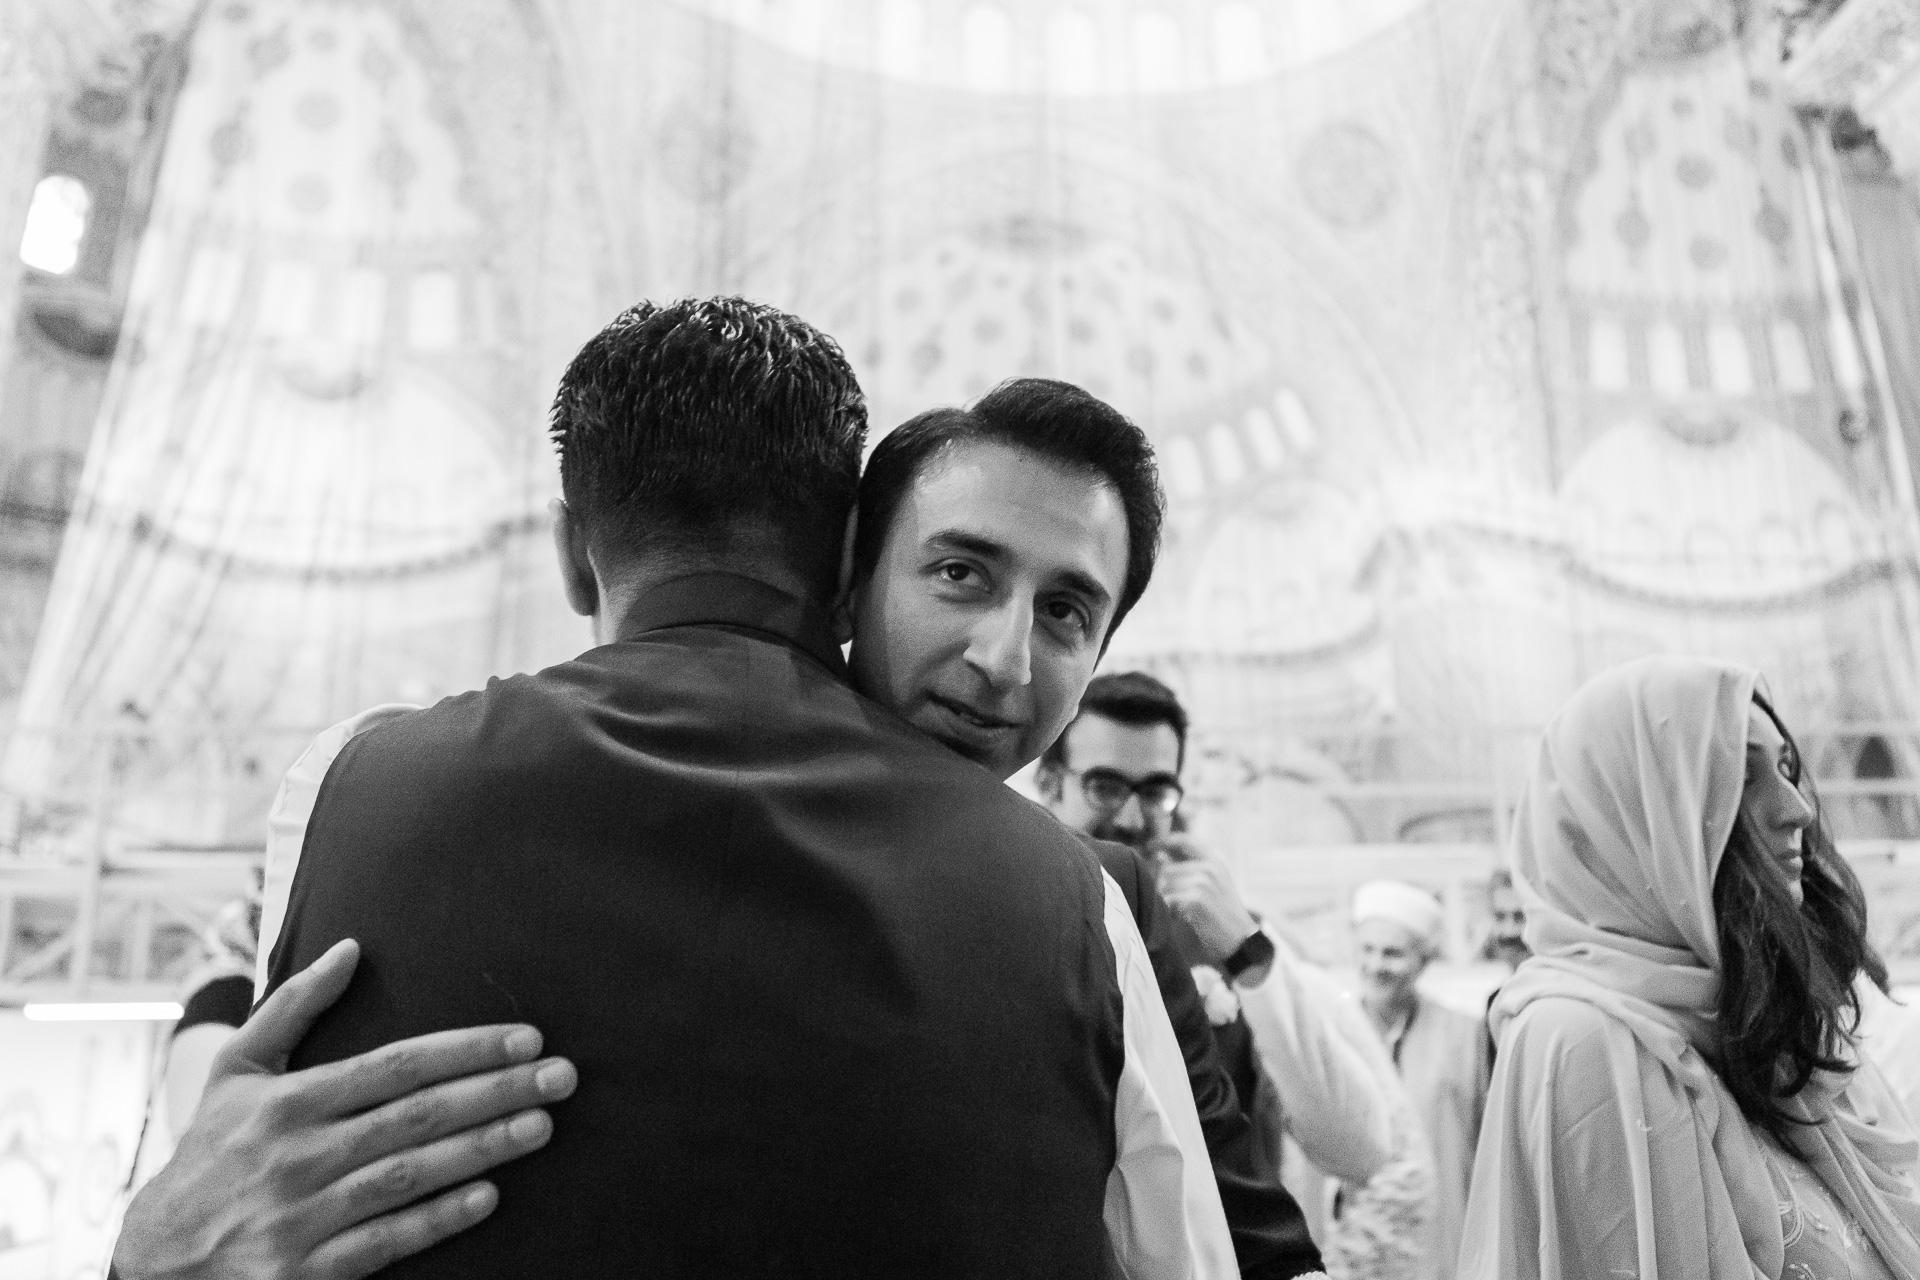 Türkei Elopement Fotograf | Der Bräutigam nimmt Glückwünsche entgegen